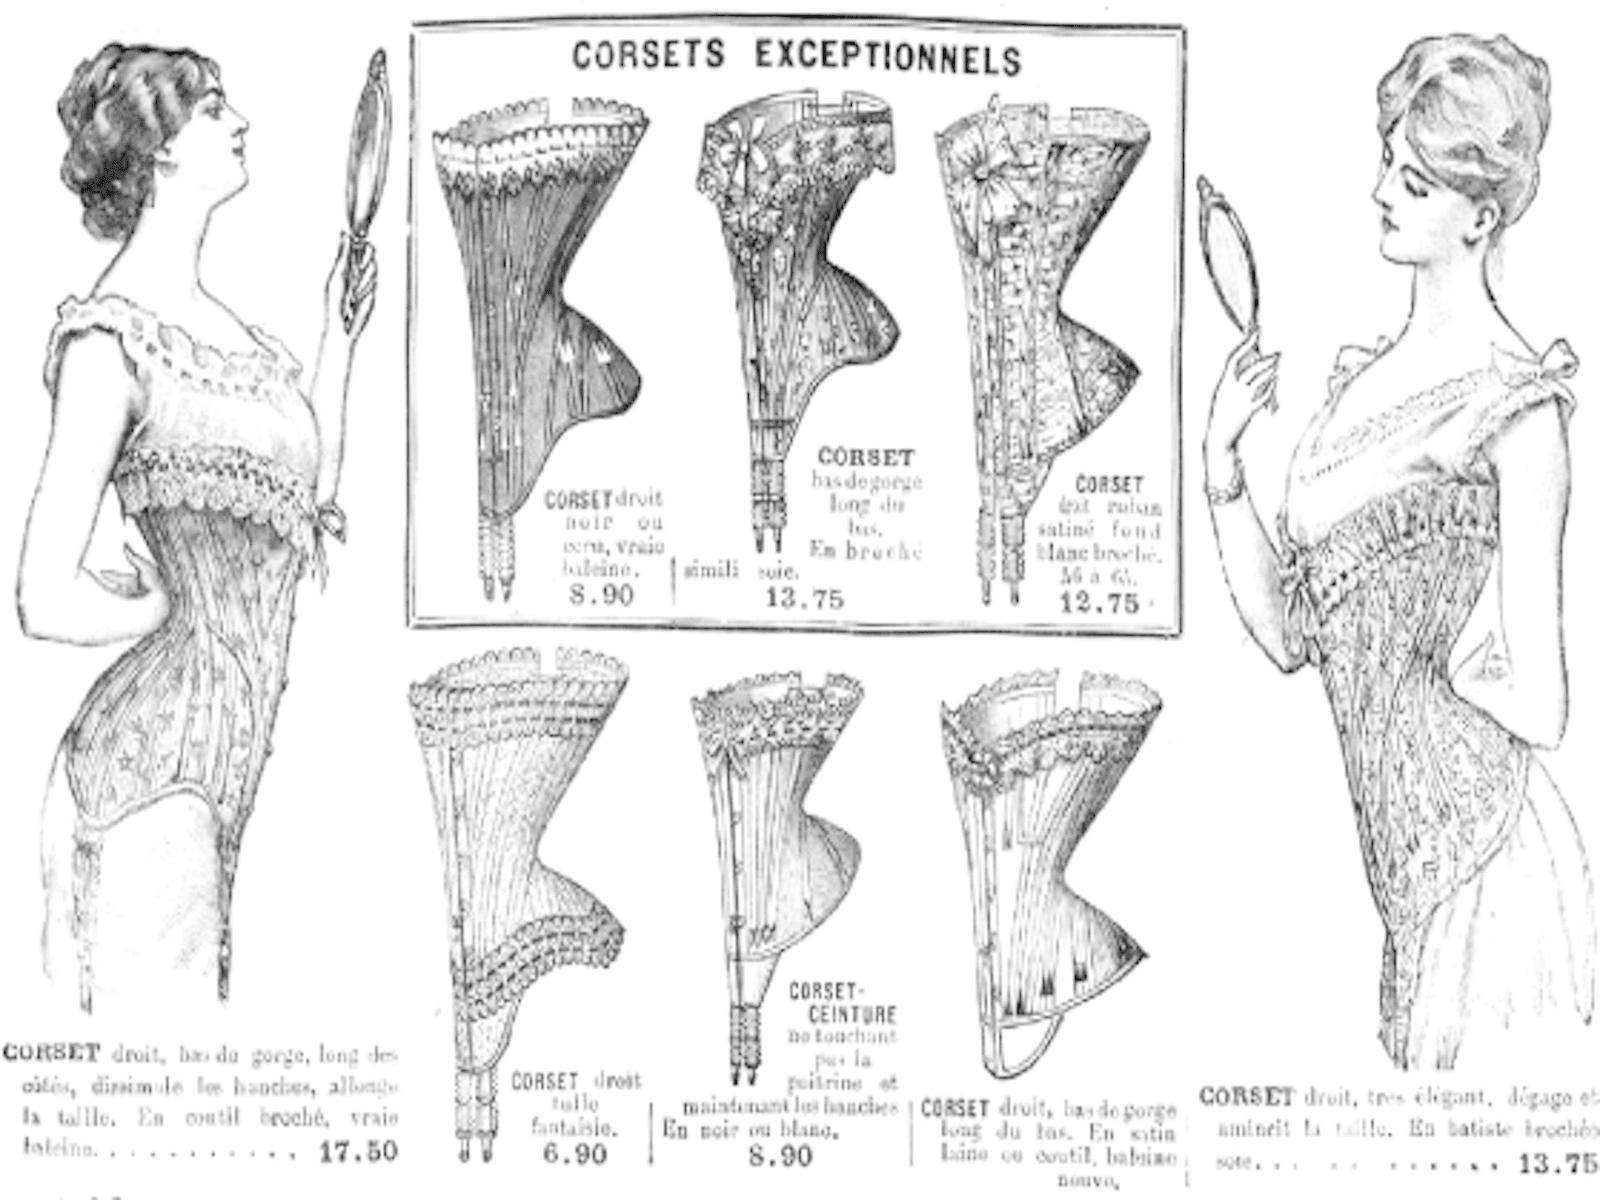 Le corset, lingerie thérapeutique ou instrument de torture, a longtemps été porté par les femmes (et les hommes) afin d'ajuster la forme de leur taille, avant d'être un objet servant à sexualiser le corps de la femme.